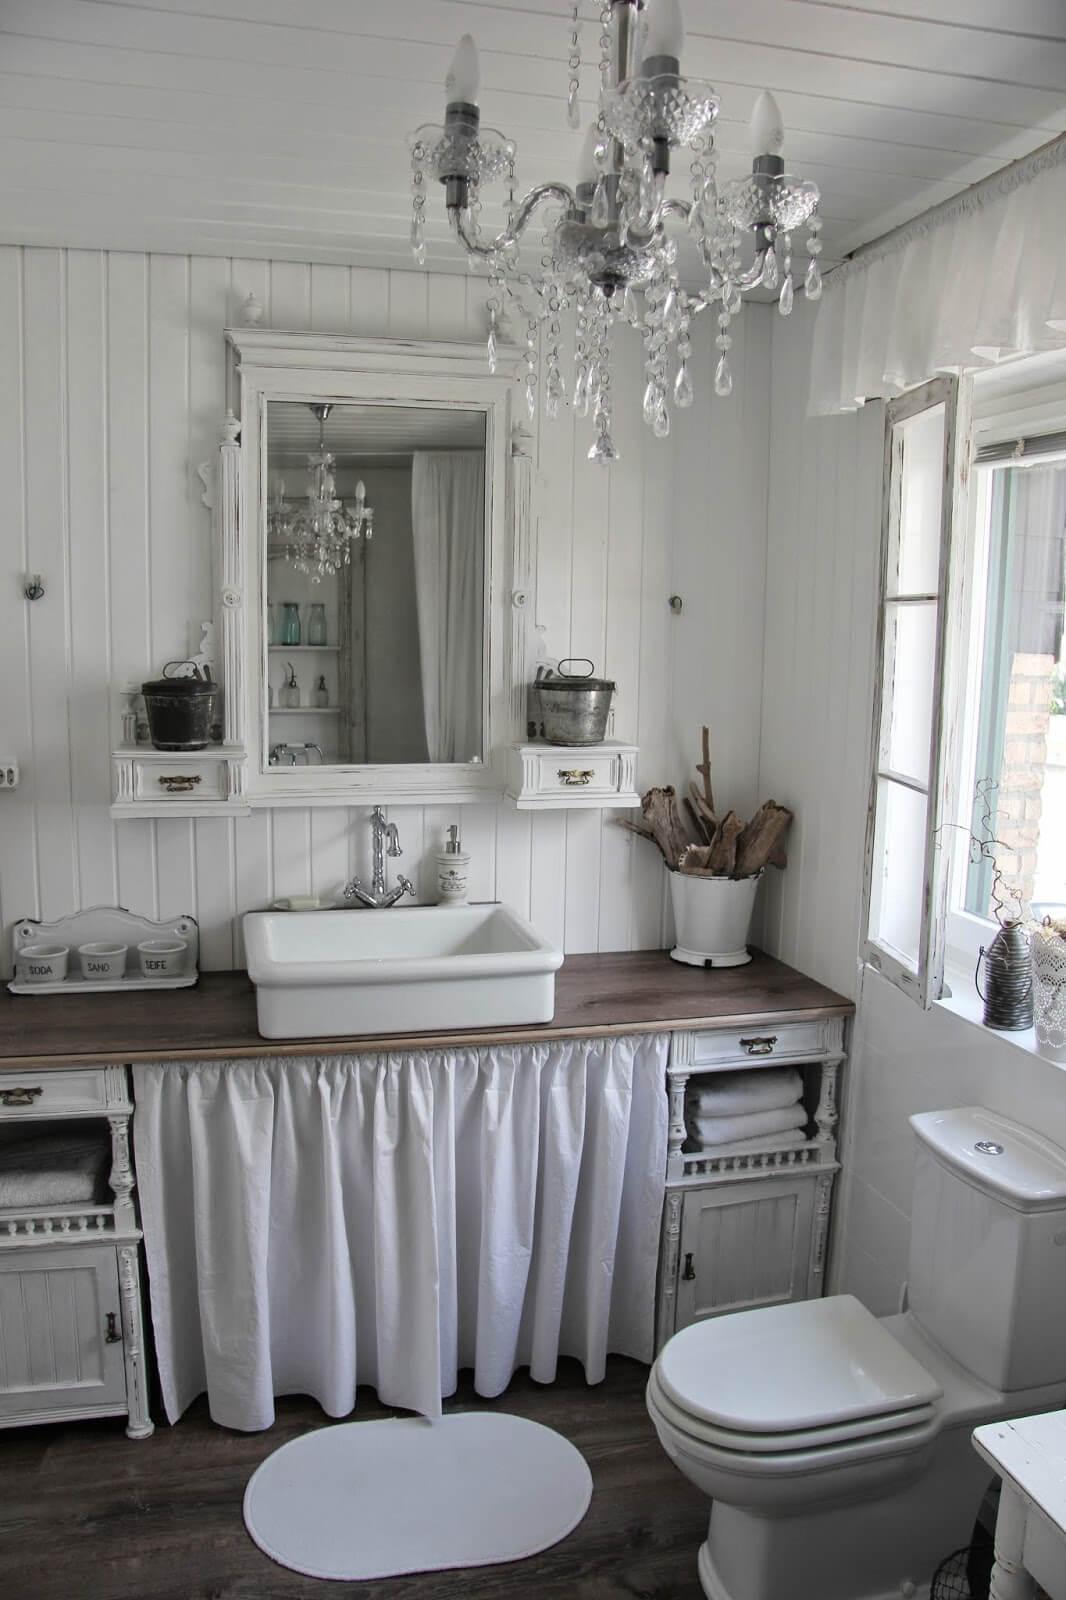 Conception de salle de bain Shabby Chic avec des détails à volants